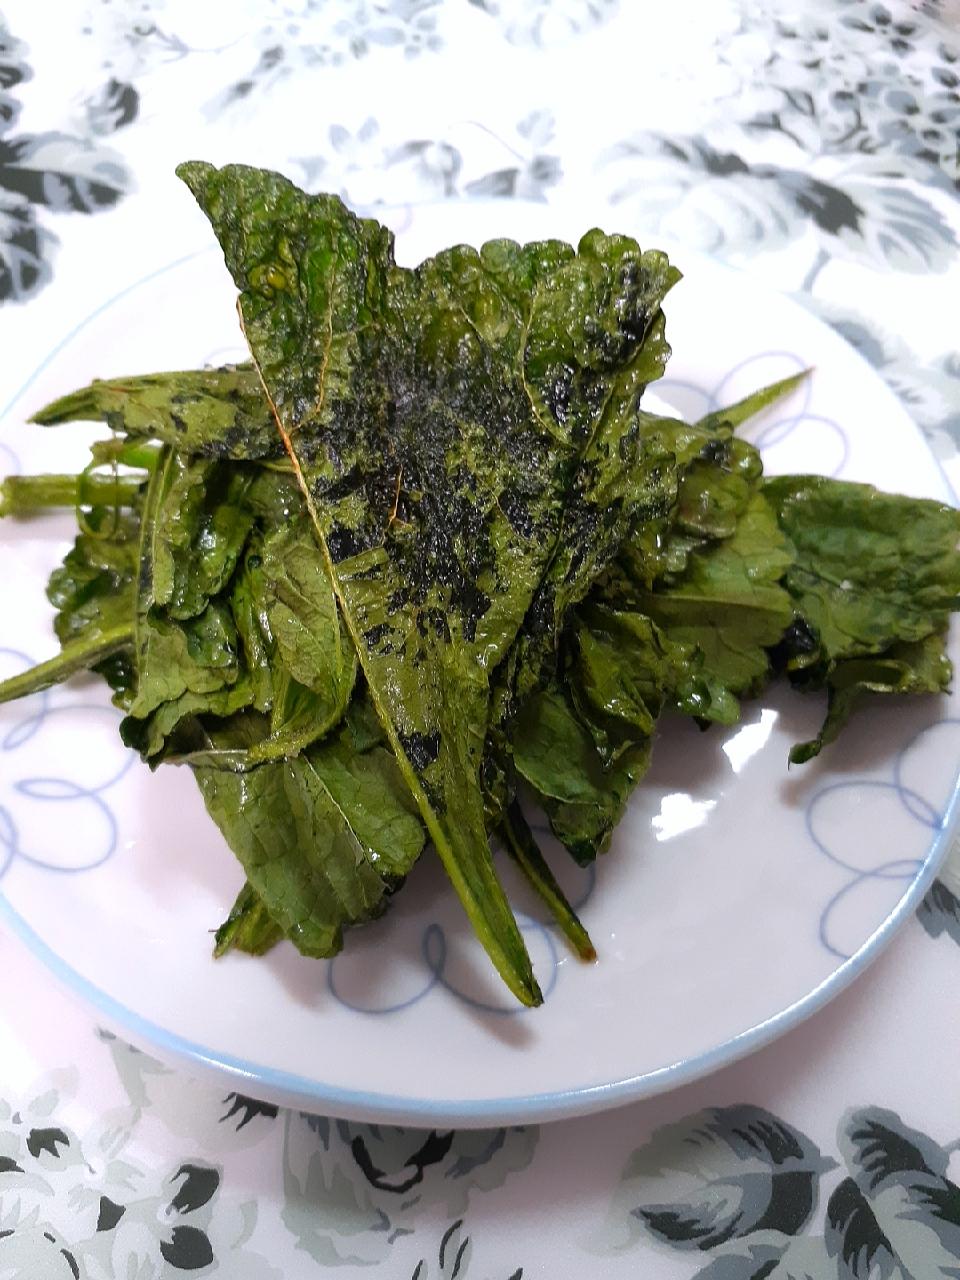 「おかのり」ってどんな野菜?名前の由来やおすすめレシピをご紹介の画像